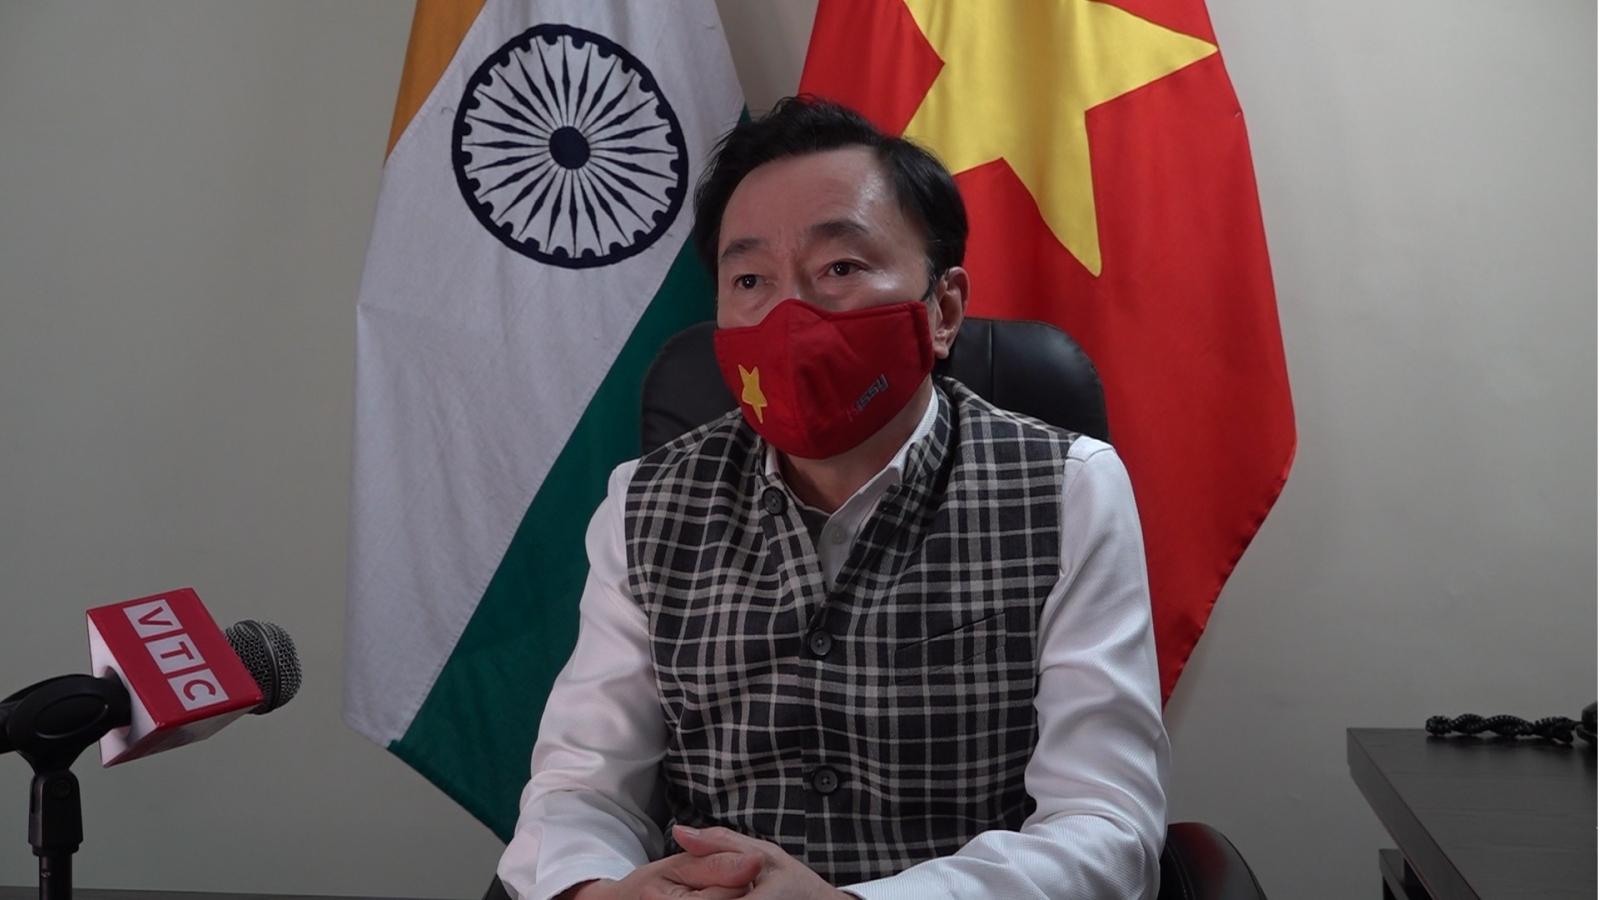 Đại sứ Phạm Sanh Châu: Chưa bao giờ lằn ranh giữa sự sống và cái chết mong manh đến thế